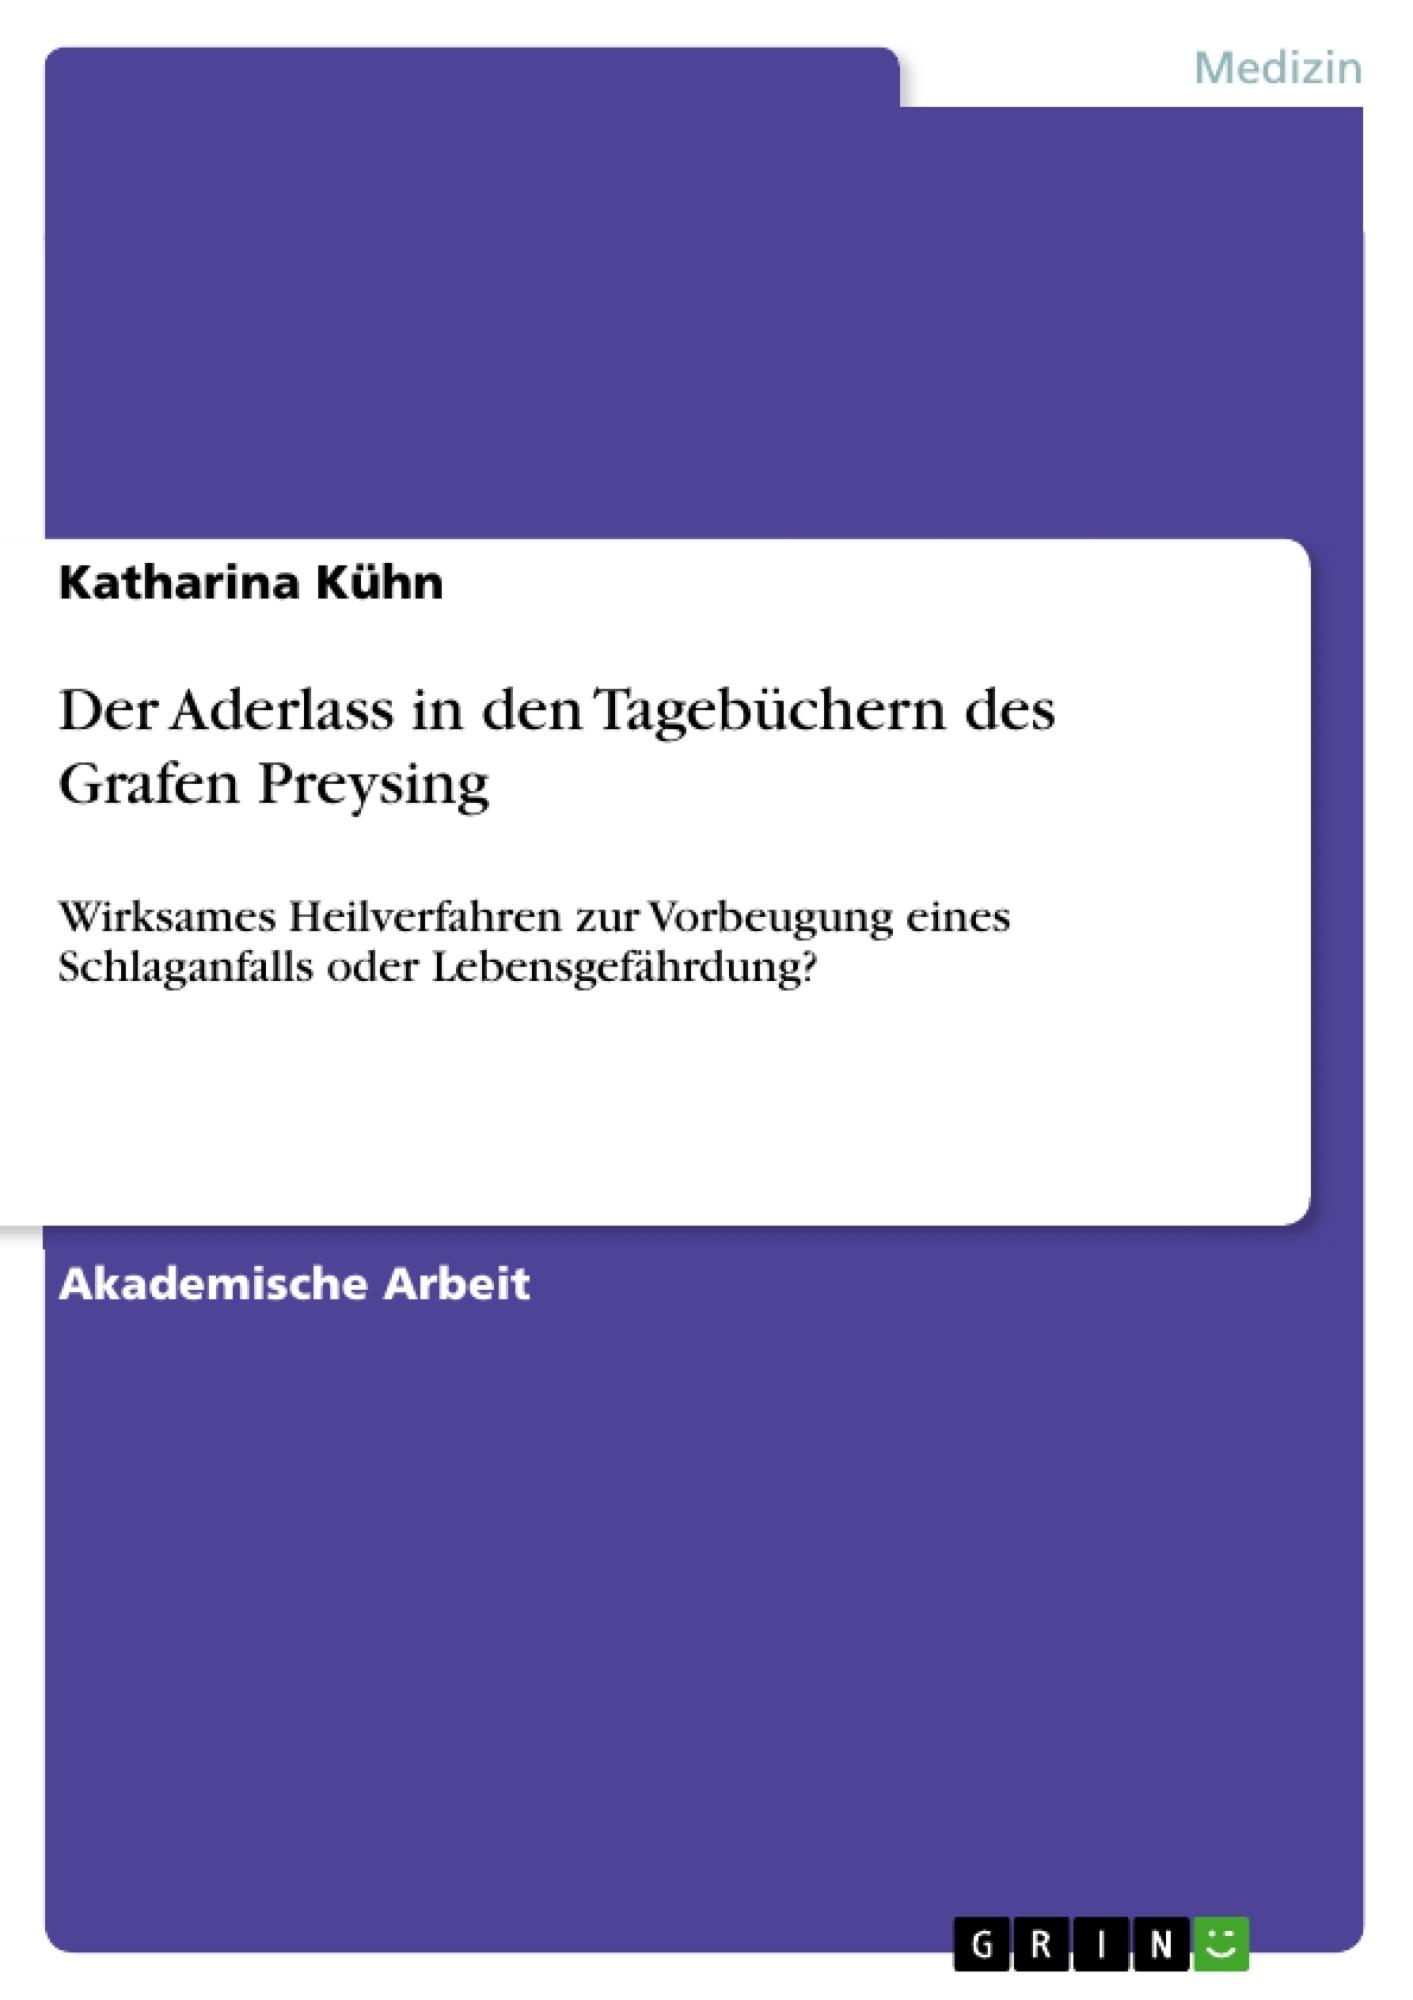 Titel: Der Aderlass in den Tagebüchern des Grafen Preysing